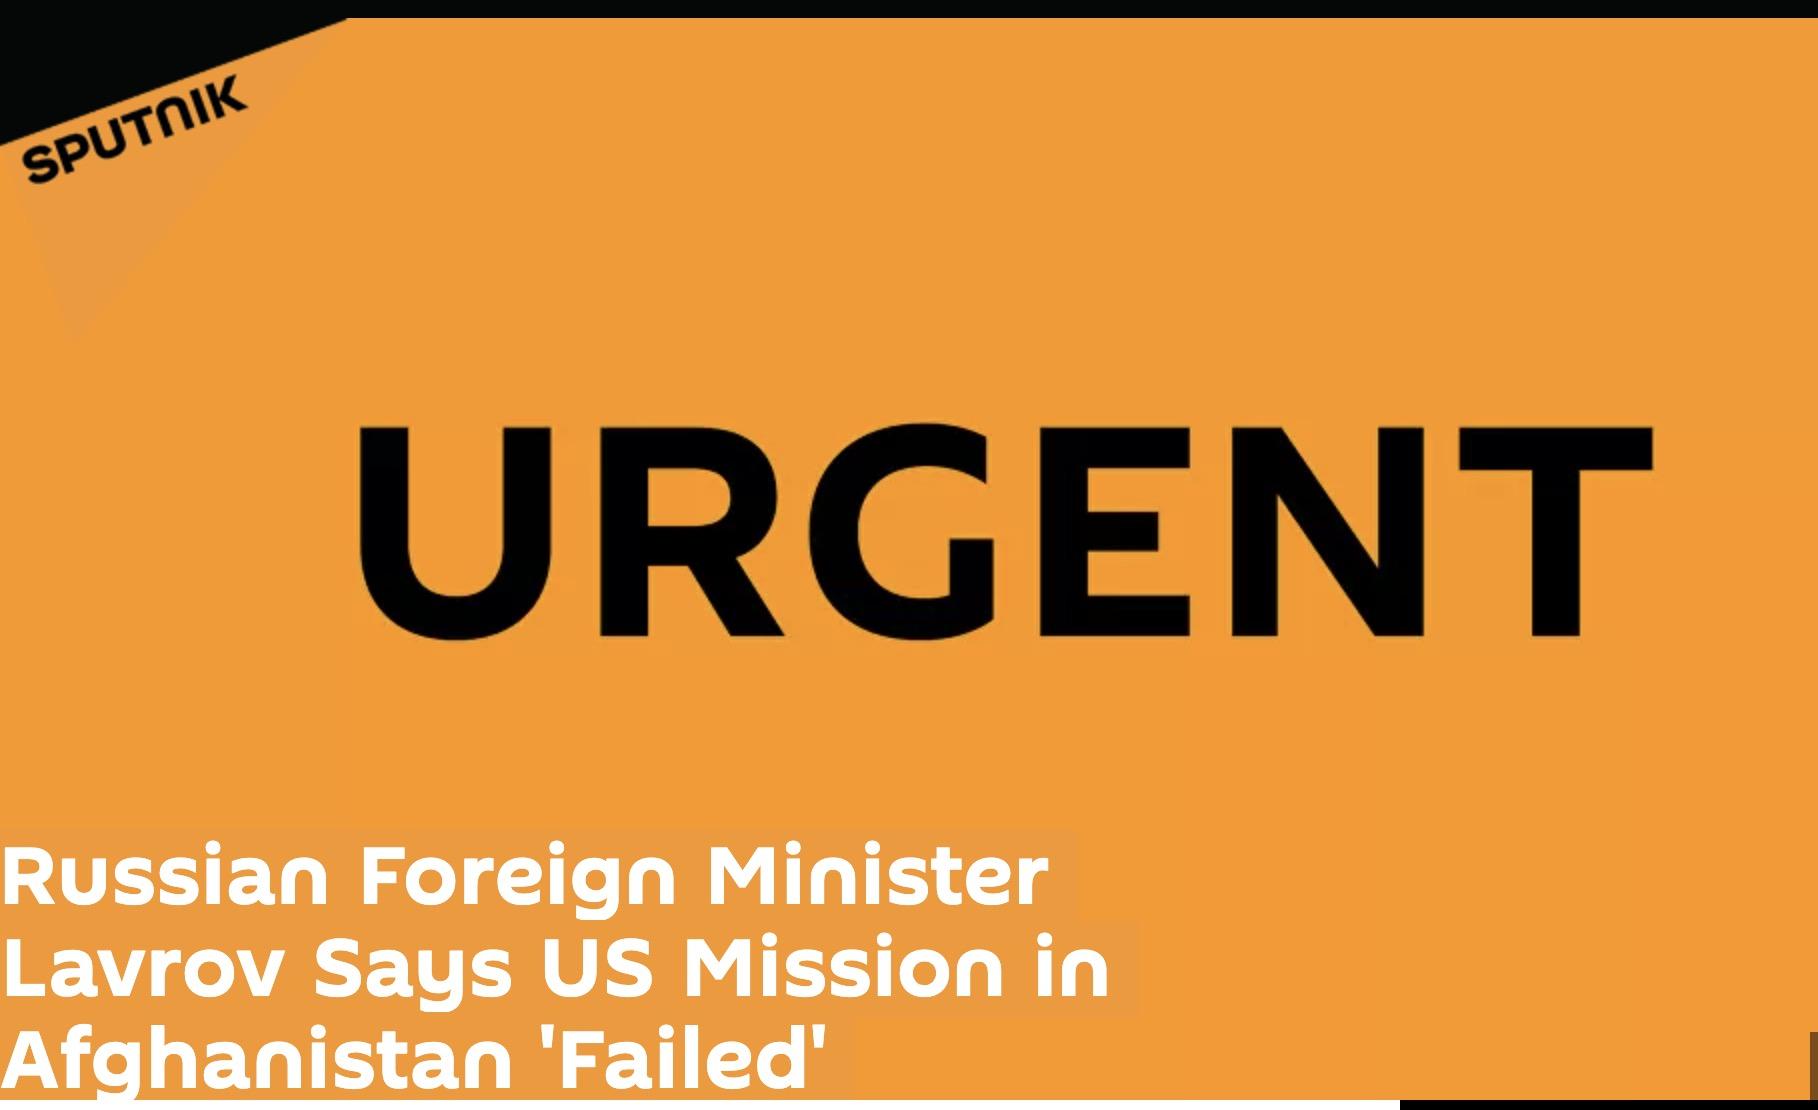 俄外长:美国在阿富汗的任务失败了,甚至连美国人民都这么看